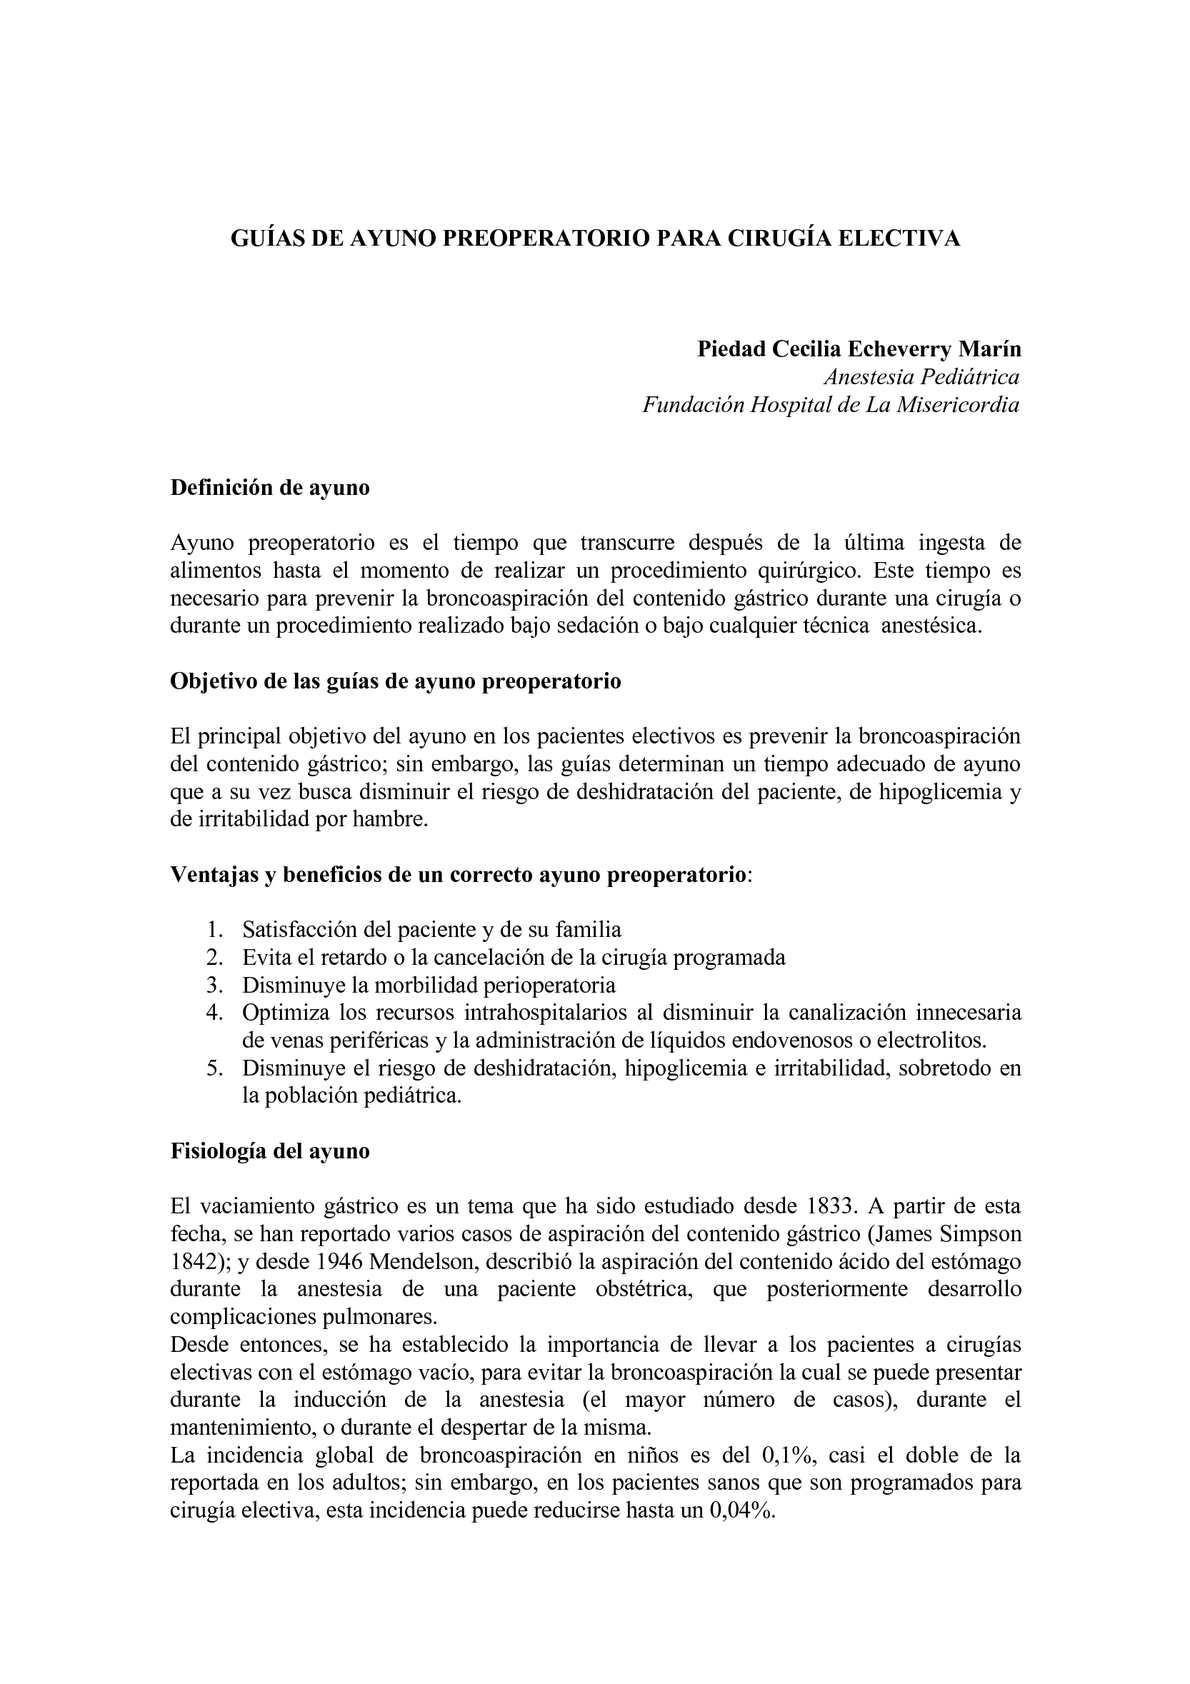 Calaméo - GUÍAS DE AYUNO PREOPERATORIO PARA CIRUGÍA ELECTIVA